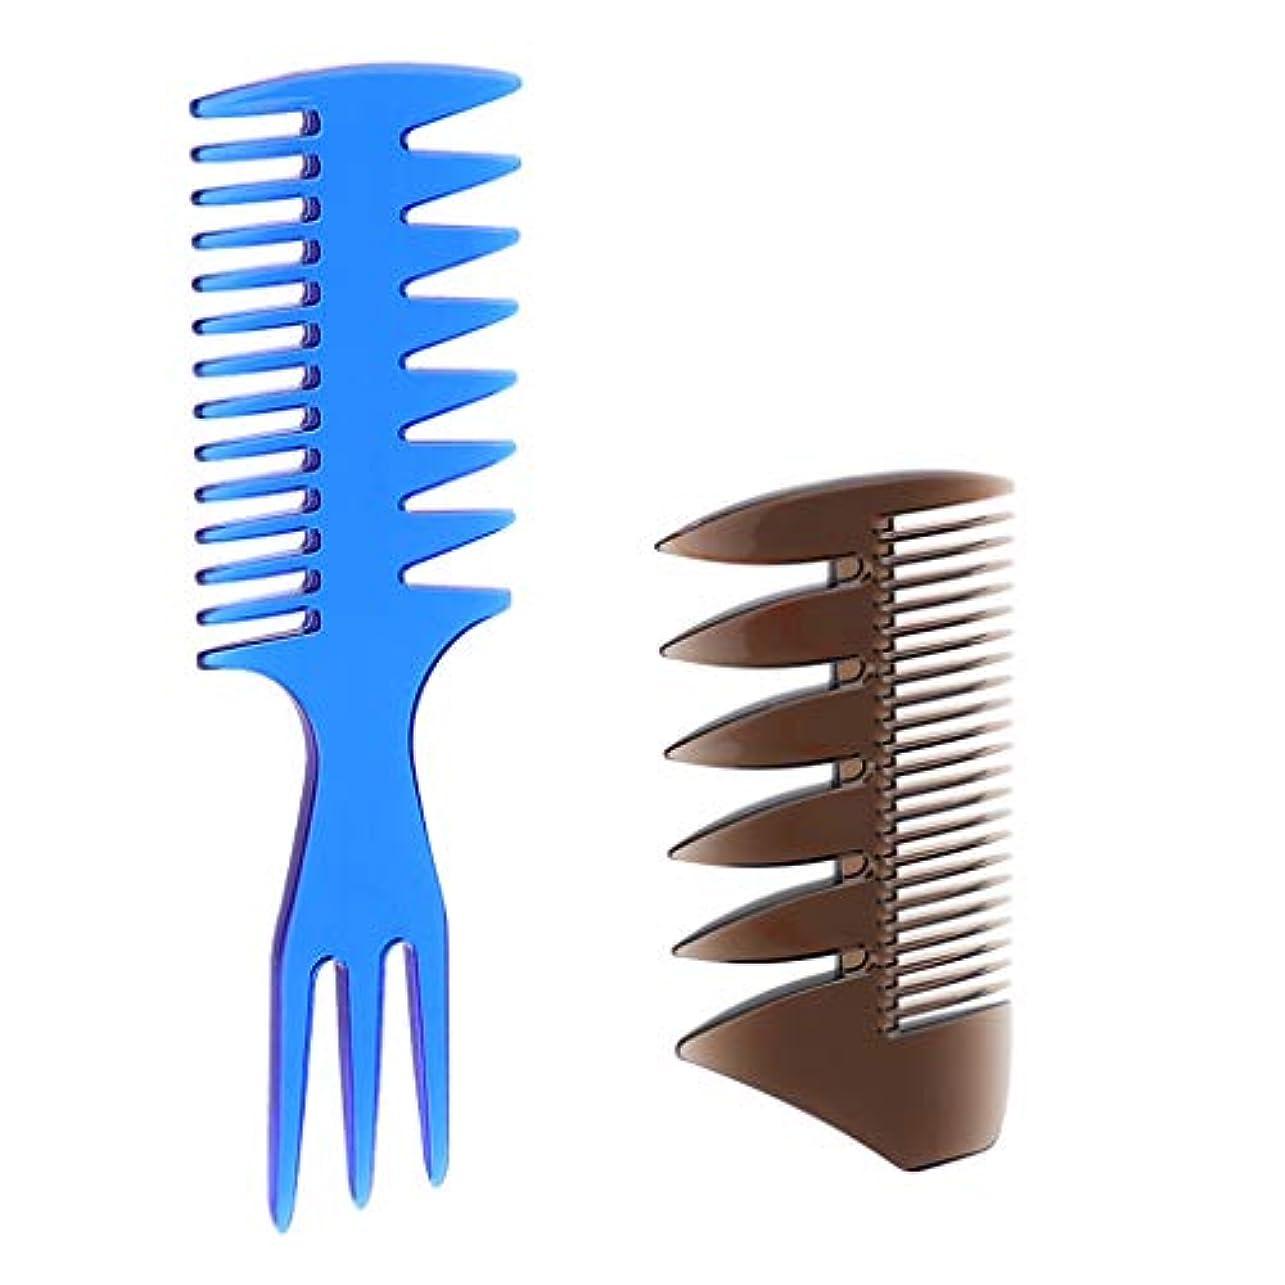 現実的オーバーヘッド社会学Sharplace 広い歯櫛 コーム 3-in-1櫛 2-in-1櫛 ヘアサロン ヘアブラシ